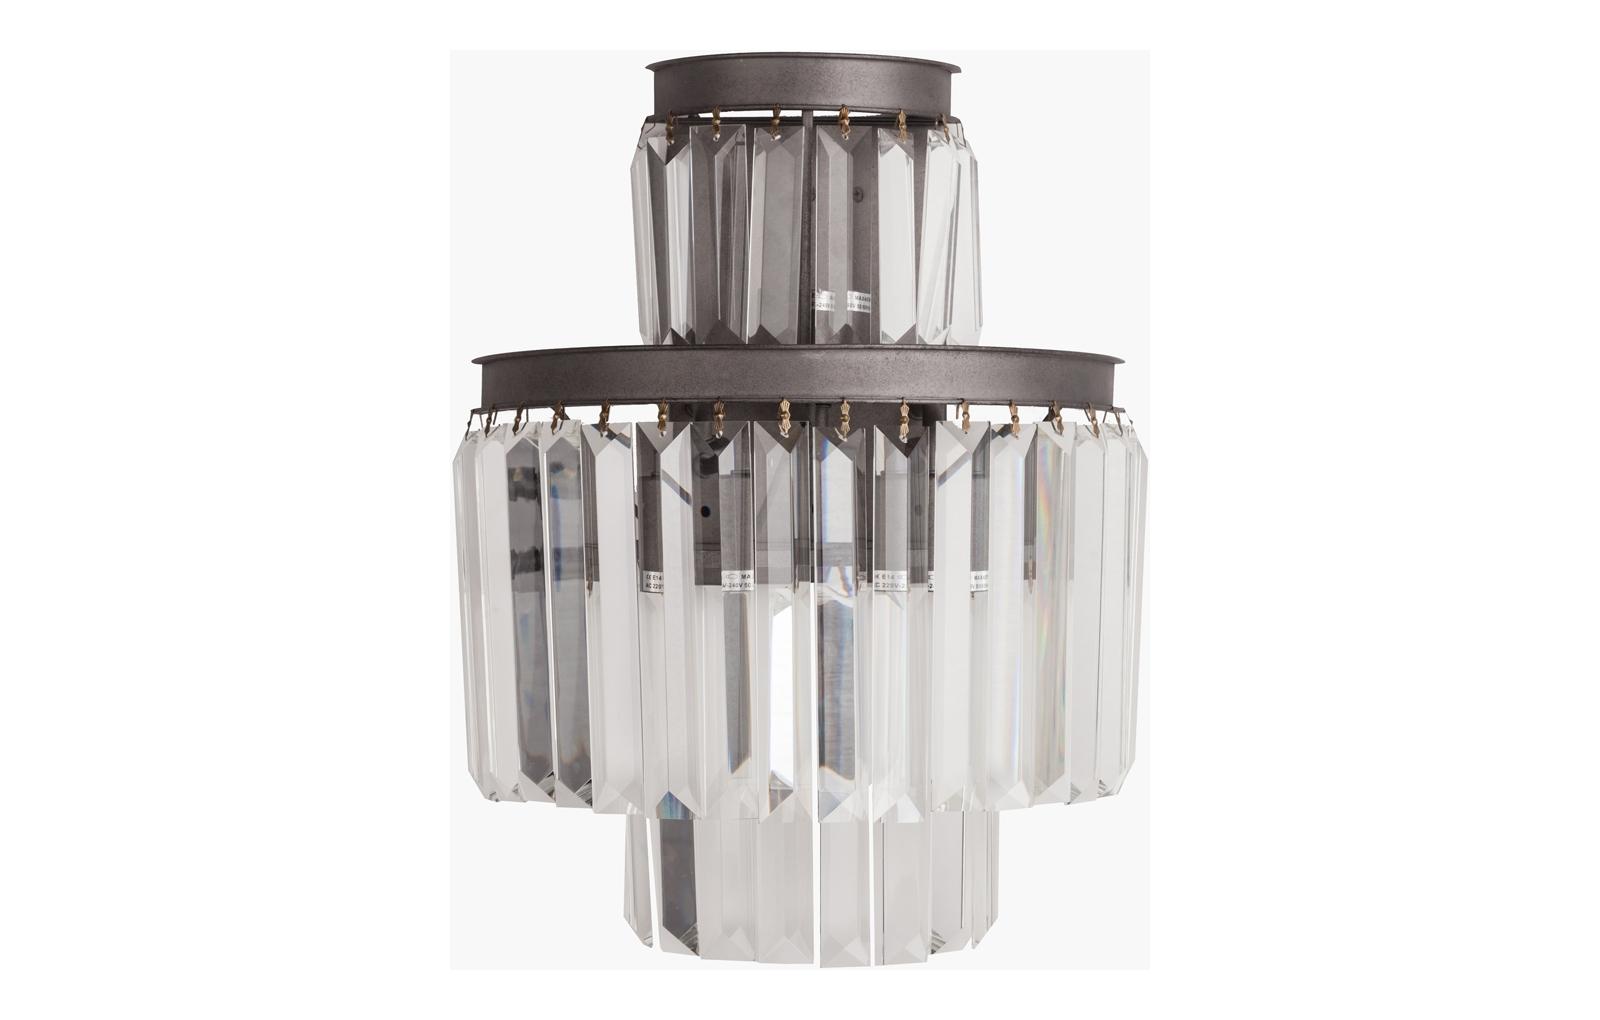 Настенный светильник Saliel PiccoloБра<br>&amp;lt;div&amp;gt;Современный настенный светильник SALIEL, благодаря своей форме, создает оригинальное рассеивание света. Дизайн светильников коллекции Saliel поразит воображение самого искушенного зрителя. Безупречное исполнение и оригинальное стилевое решение светильника SALIEL помогут вам выразить собственное представление о прекрасном и создать уникальный и интересный интерьер. Приобретенные в нашем интернет-магазине настенные светильники станут прекрасным дополнением к люстре из коллекции Saliel.&amp;lt;/div&amp;gt;&amp;lt;div&amp;gt;Мощность ламп: 40W&amp;lt;/div&amp;gt;&amp;lt;div&amp;gt;Тип лампочки: E14&amp;lt;/div&amp;gt;&amp;lt;div&amp;gt;Количество ламп: 3&amp;lt;/div&amp;gt;<br><br>Material: Хрусталь<br>Высота см: 42